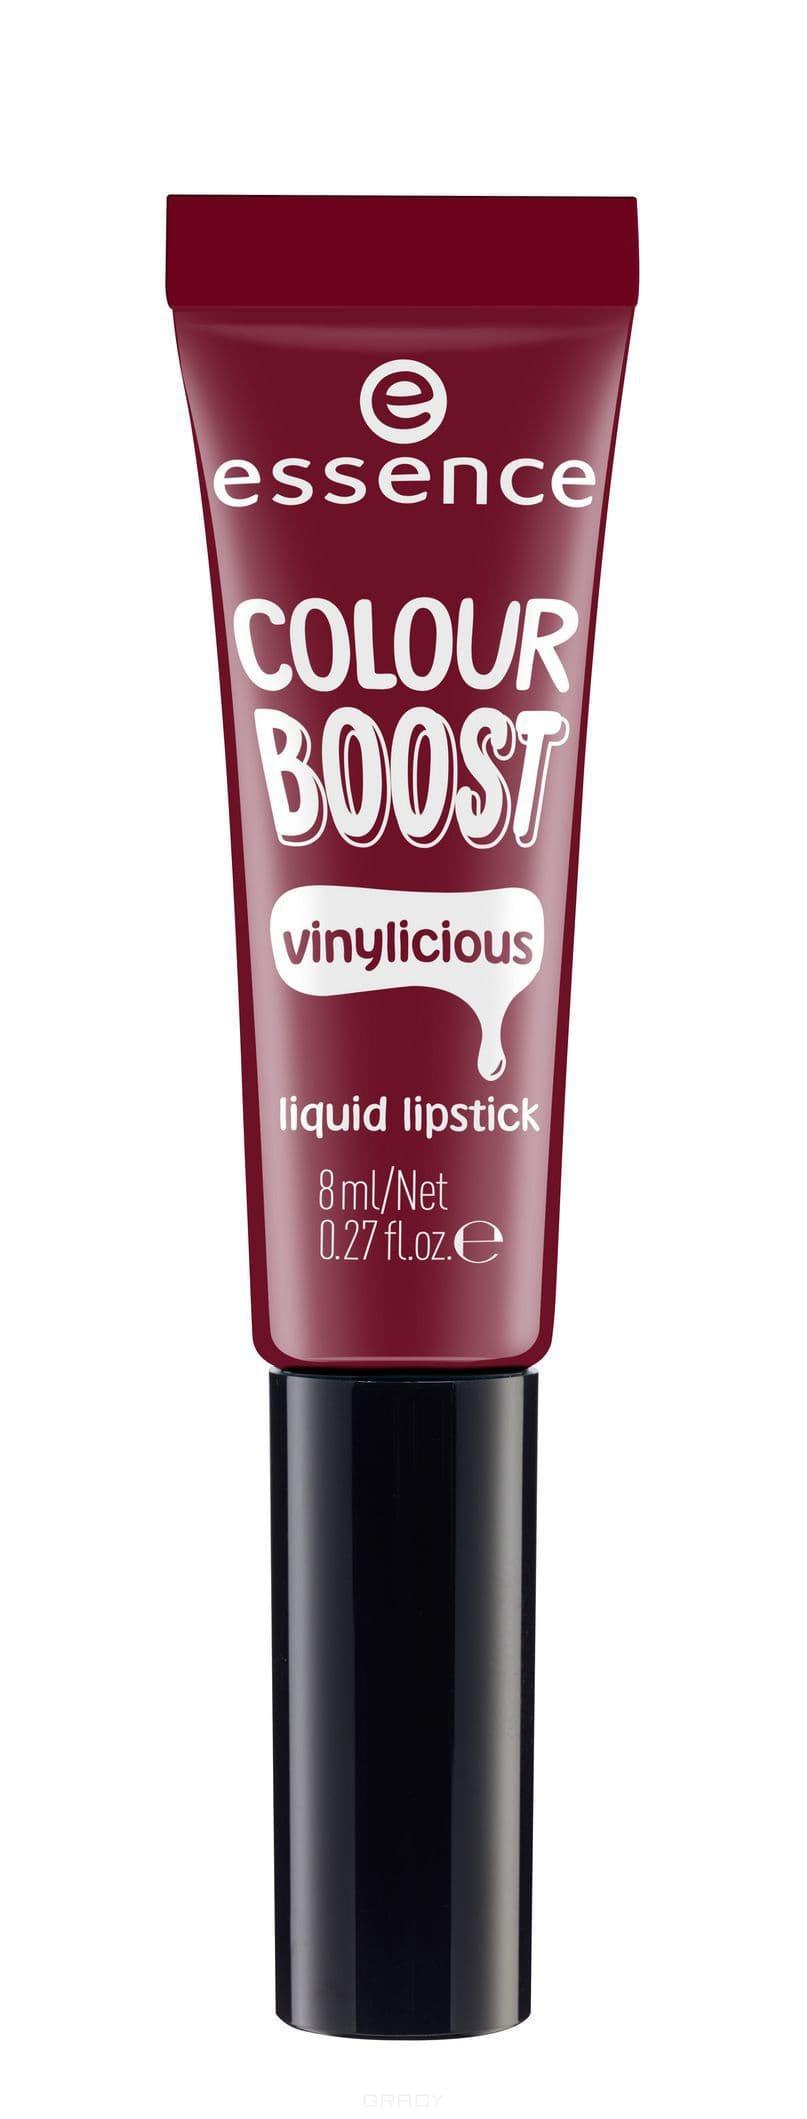 все цены на Essence, Жидкая губная помада Colour Boost Vinylicious Liquid Lipstick, 8 мл (6 тонов) №08, вишневый онлайн